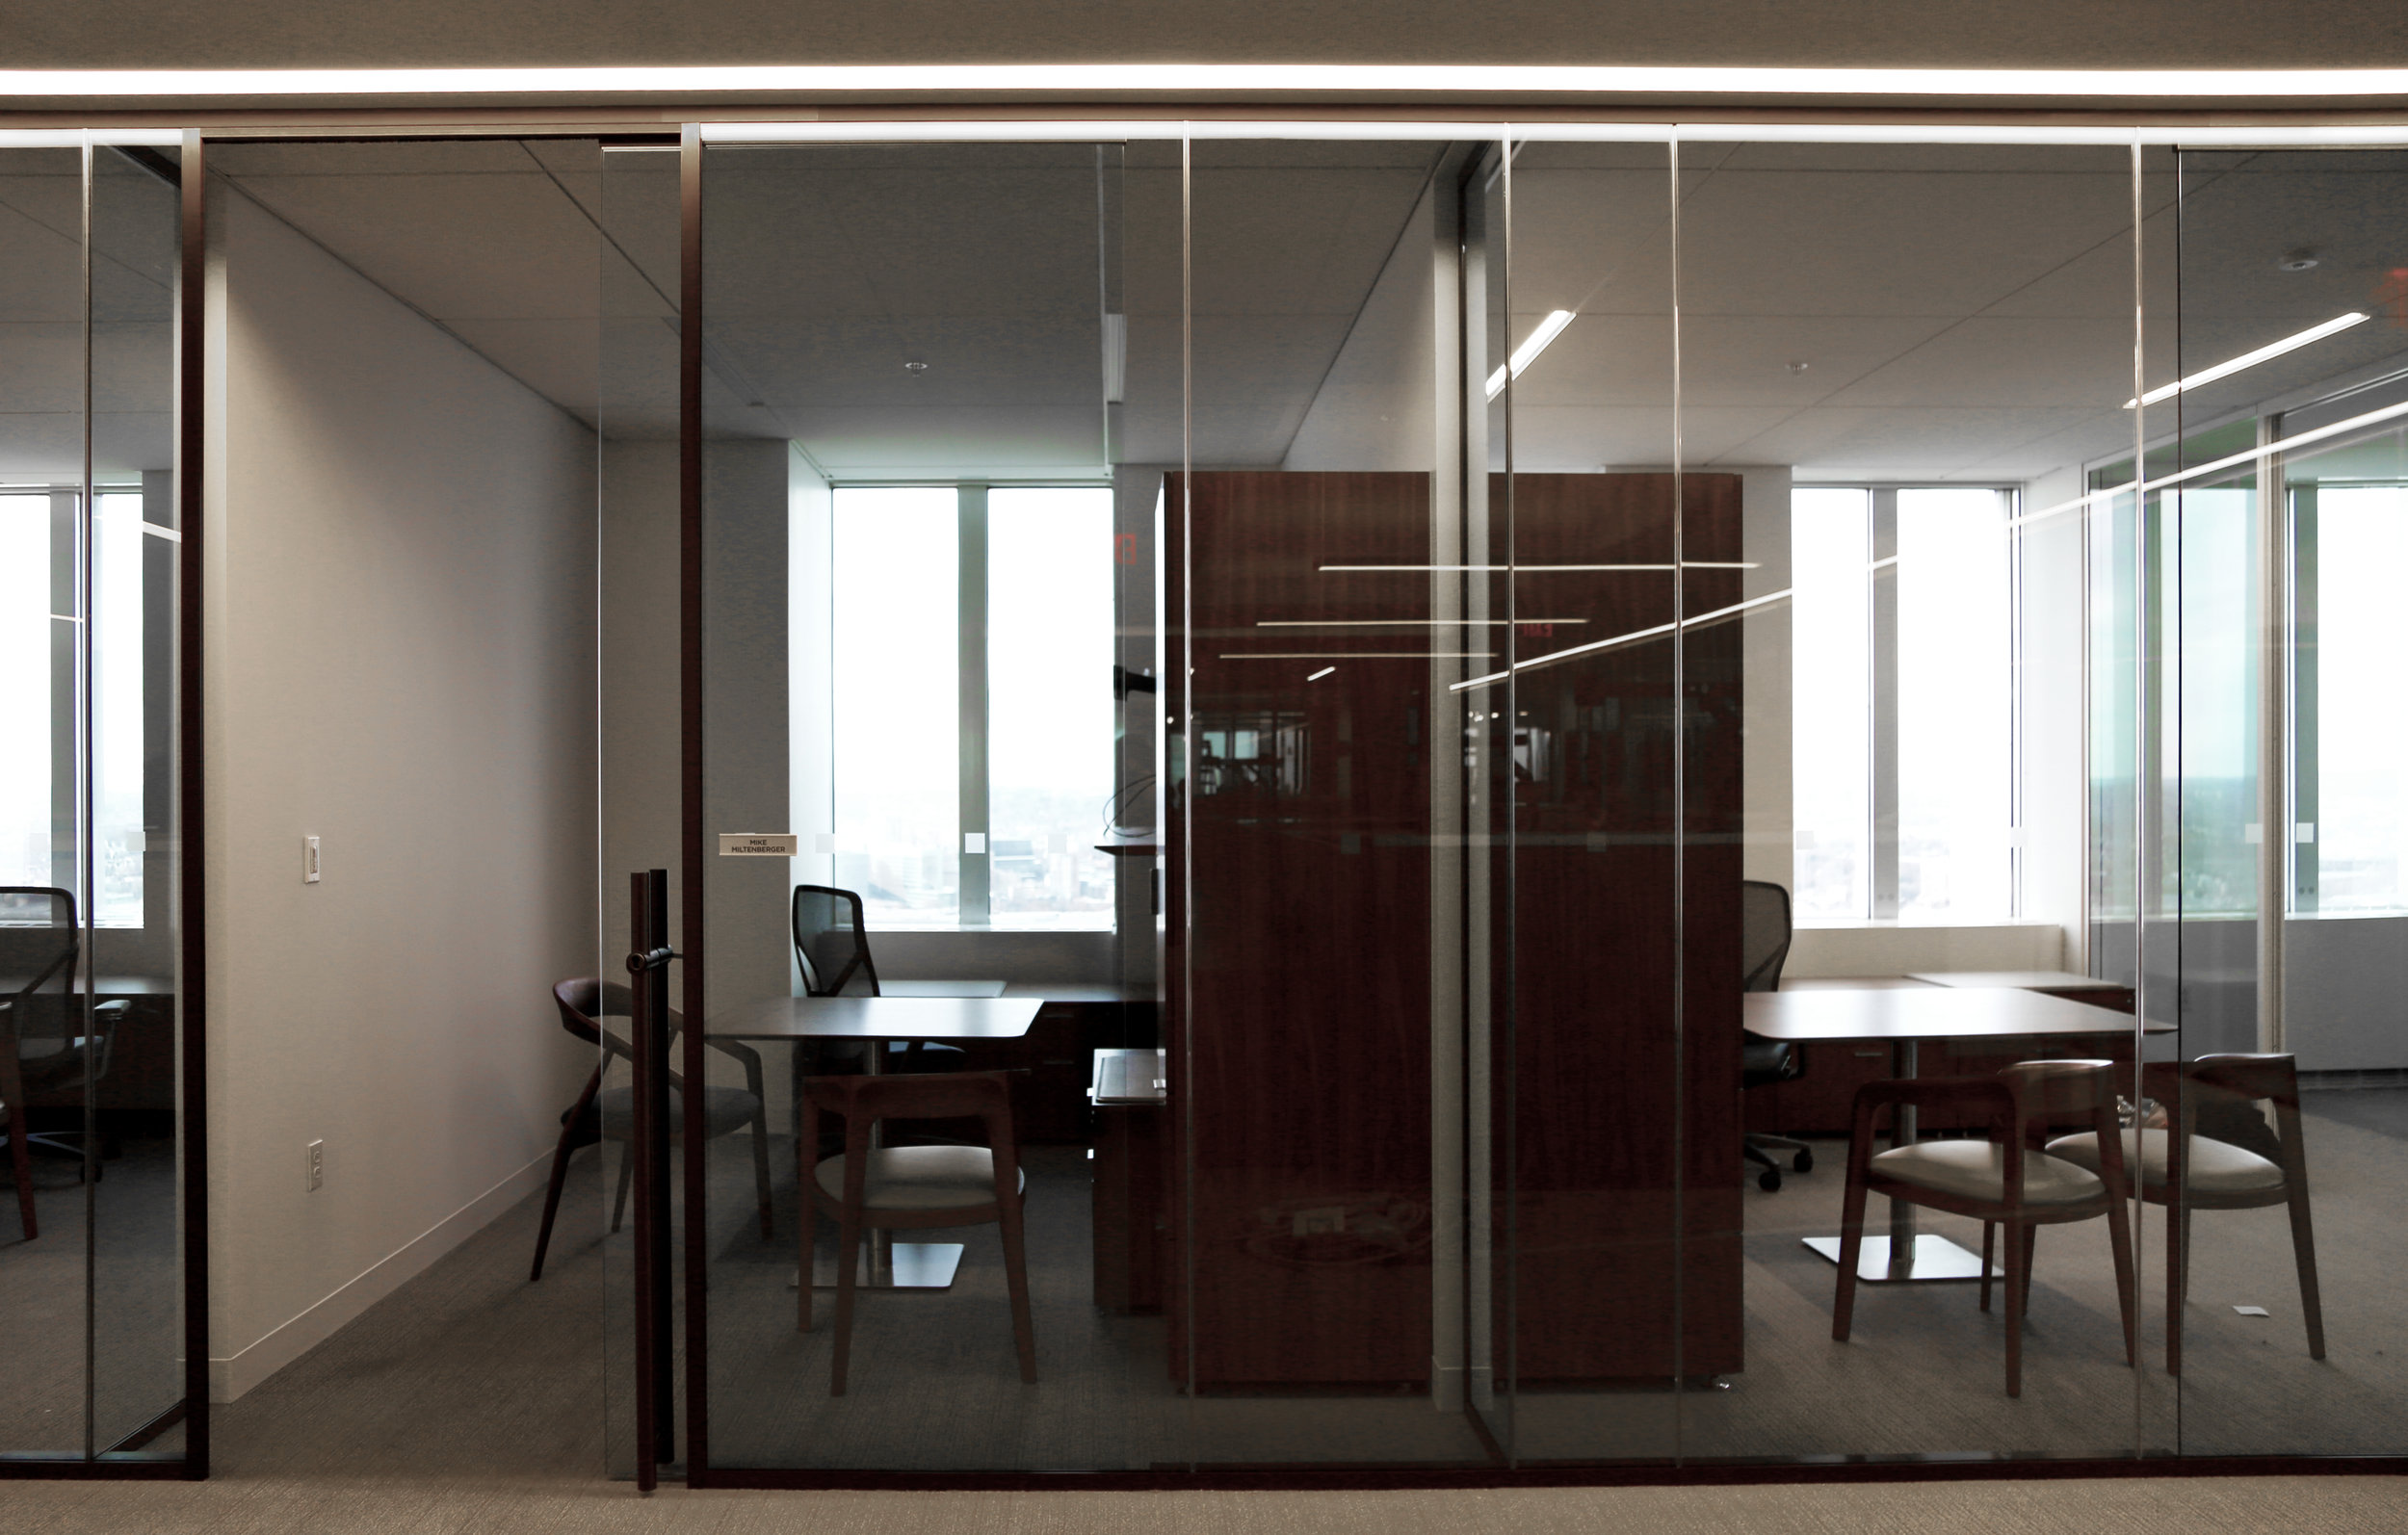 Modernus Aluminum Framed Glass Offices - Spaceworks AI.jpg